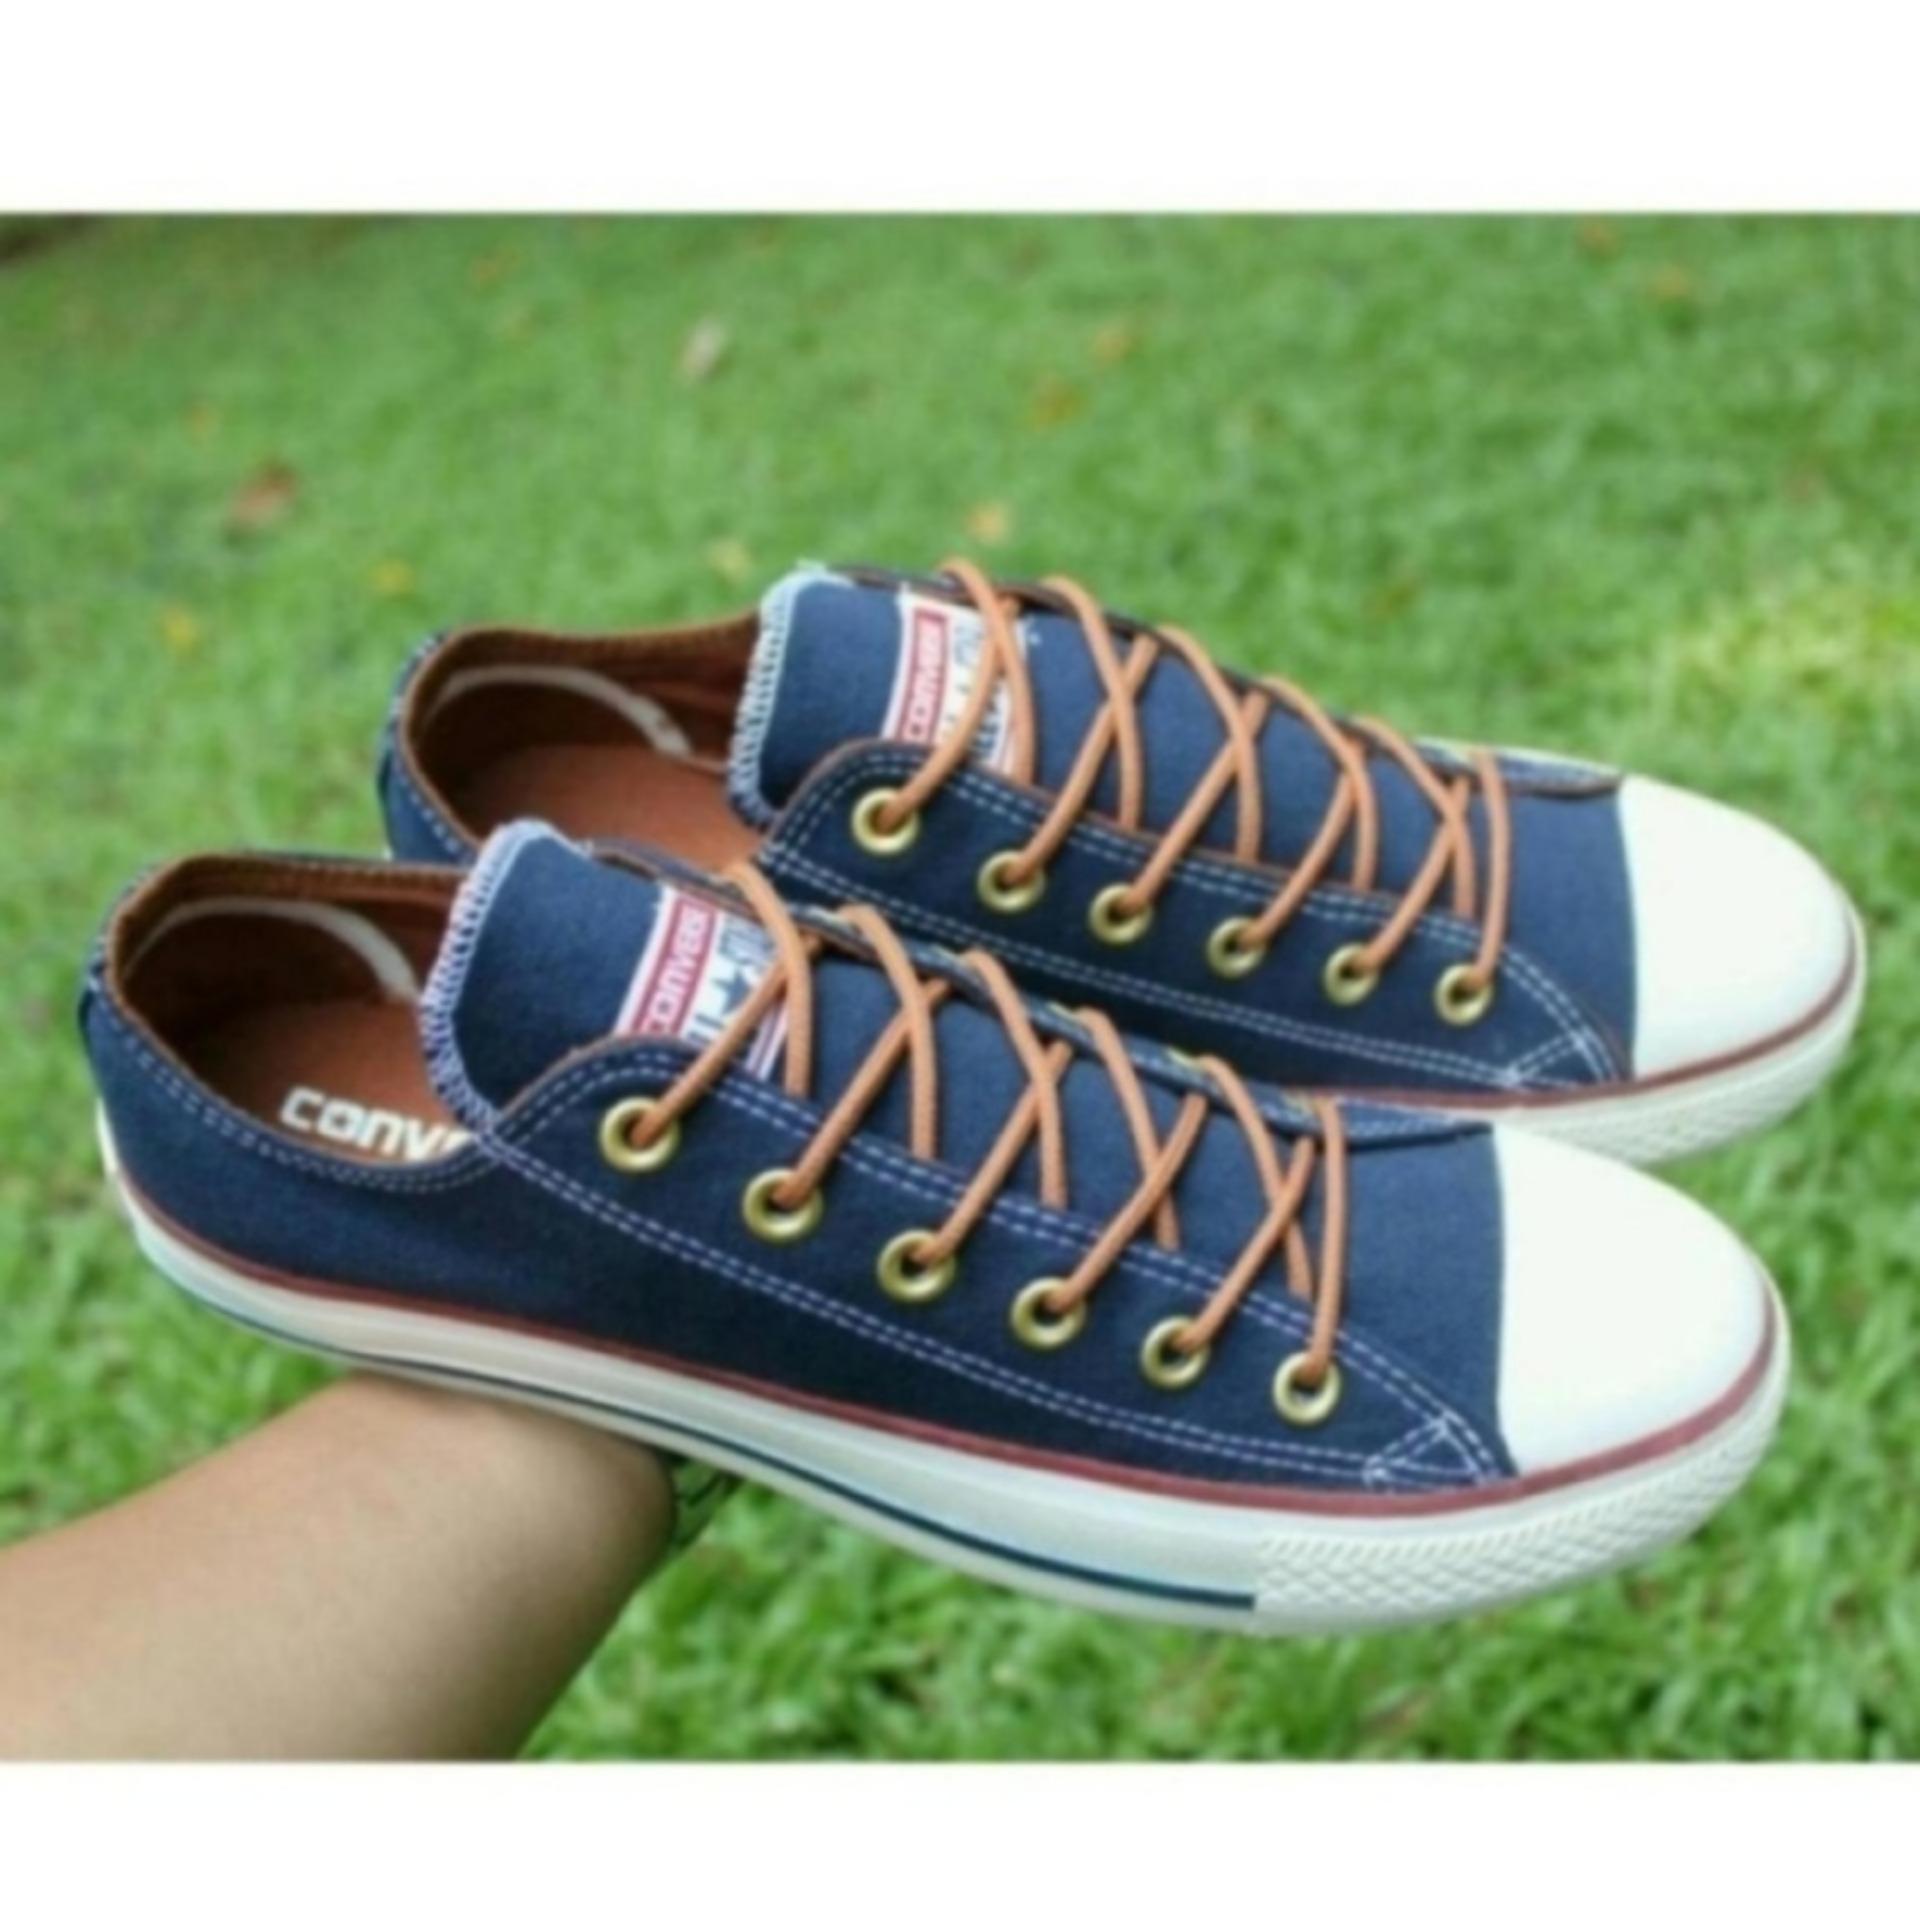 Sepatu All Star Casual Pria Dan Wanita - Page 2 - Daftar Update ... 2264cfc342